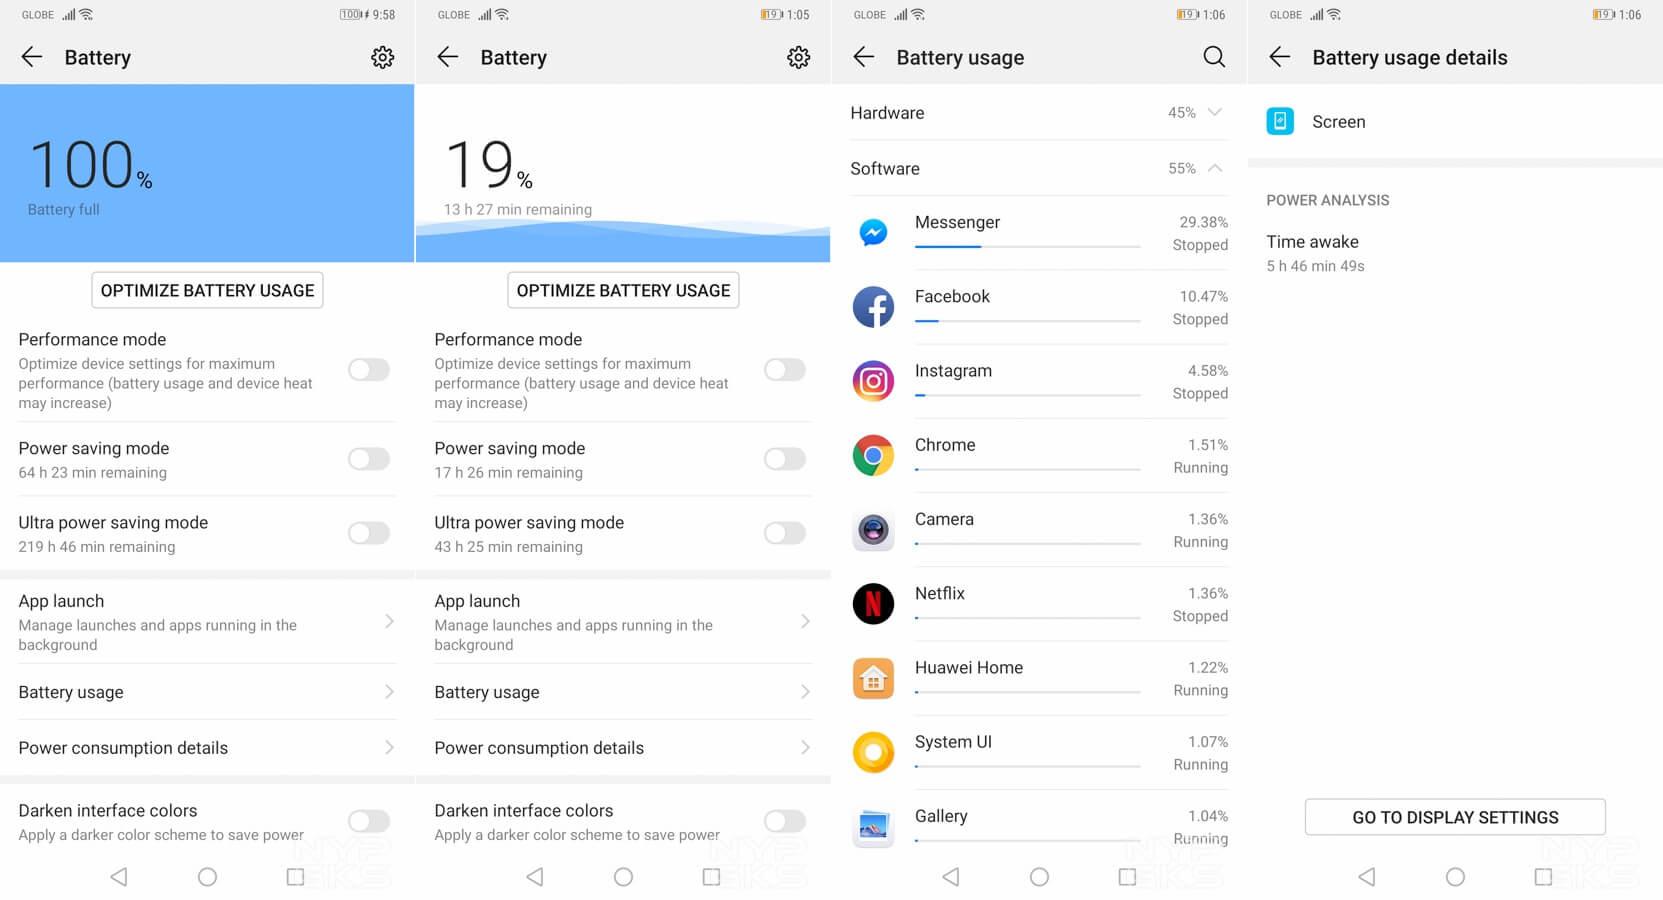 Huawei-Mate-20-Pro-battery